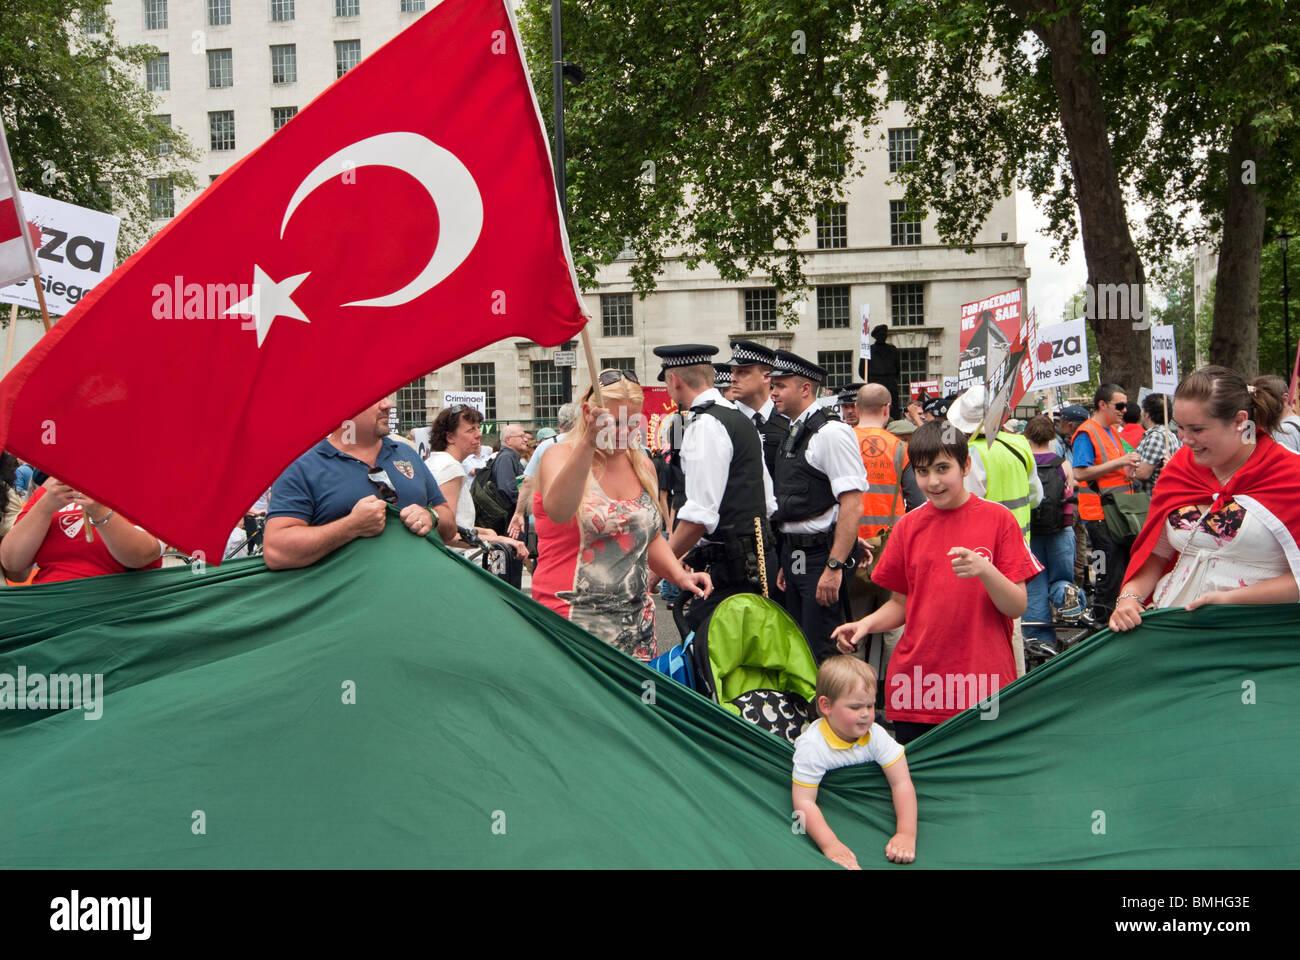 DEMO AGAINST ISRAEL.GAZA,AMBARGO,SANCTION TURKISH FLAG - Stock Image